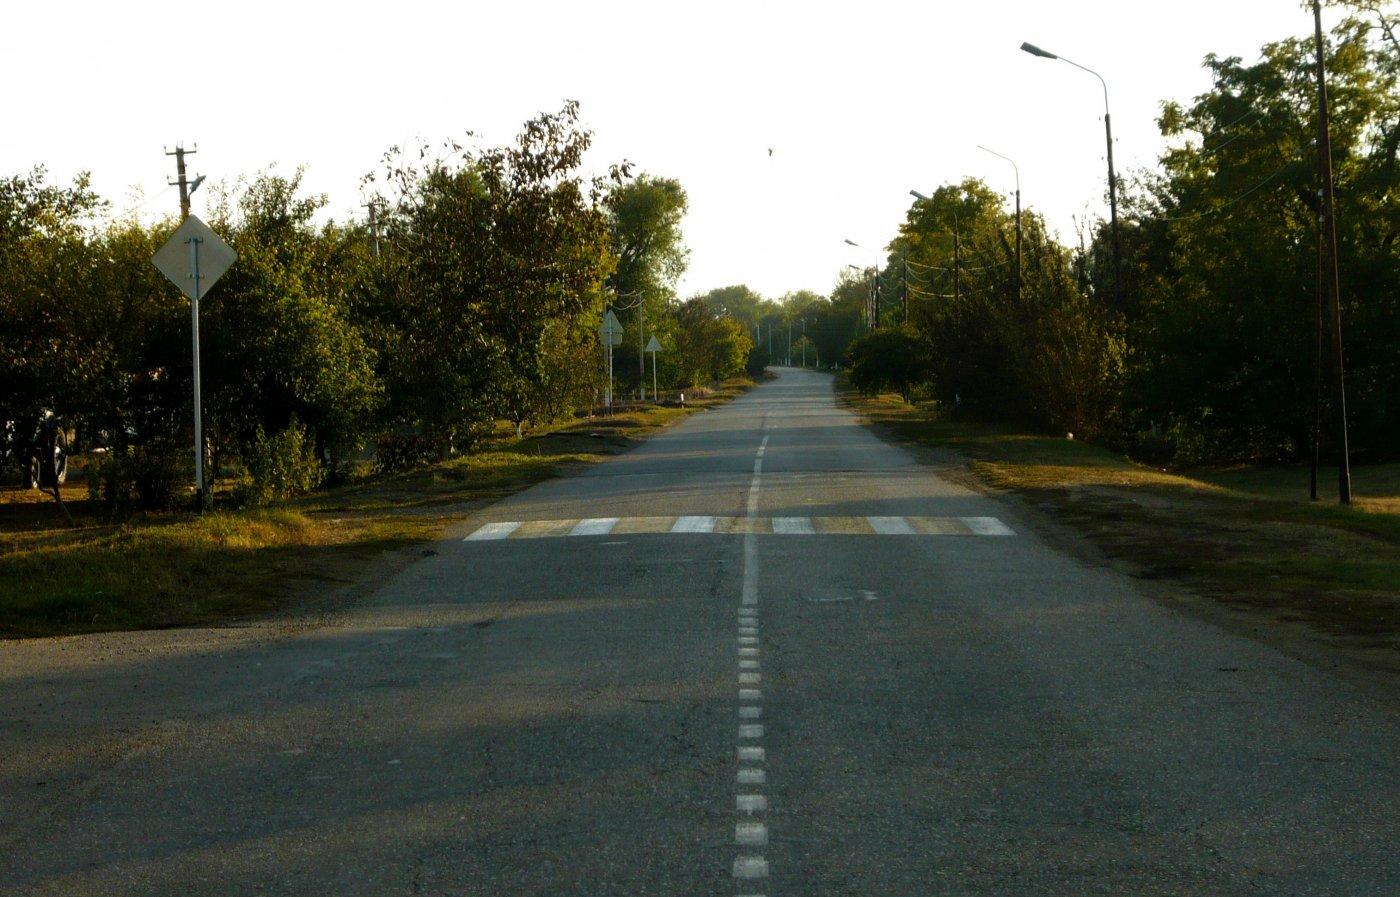 Фото s (223).JPG. Россия, Ставропольский край, Новоизобильный, Юбилейная улица